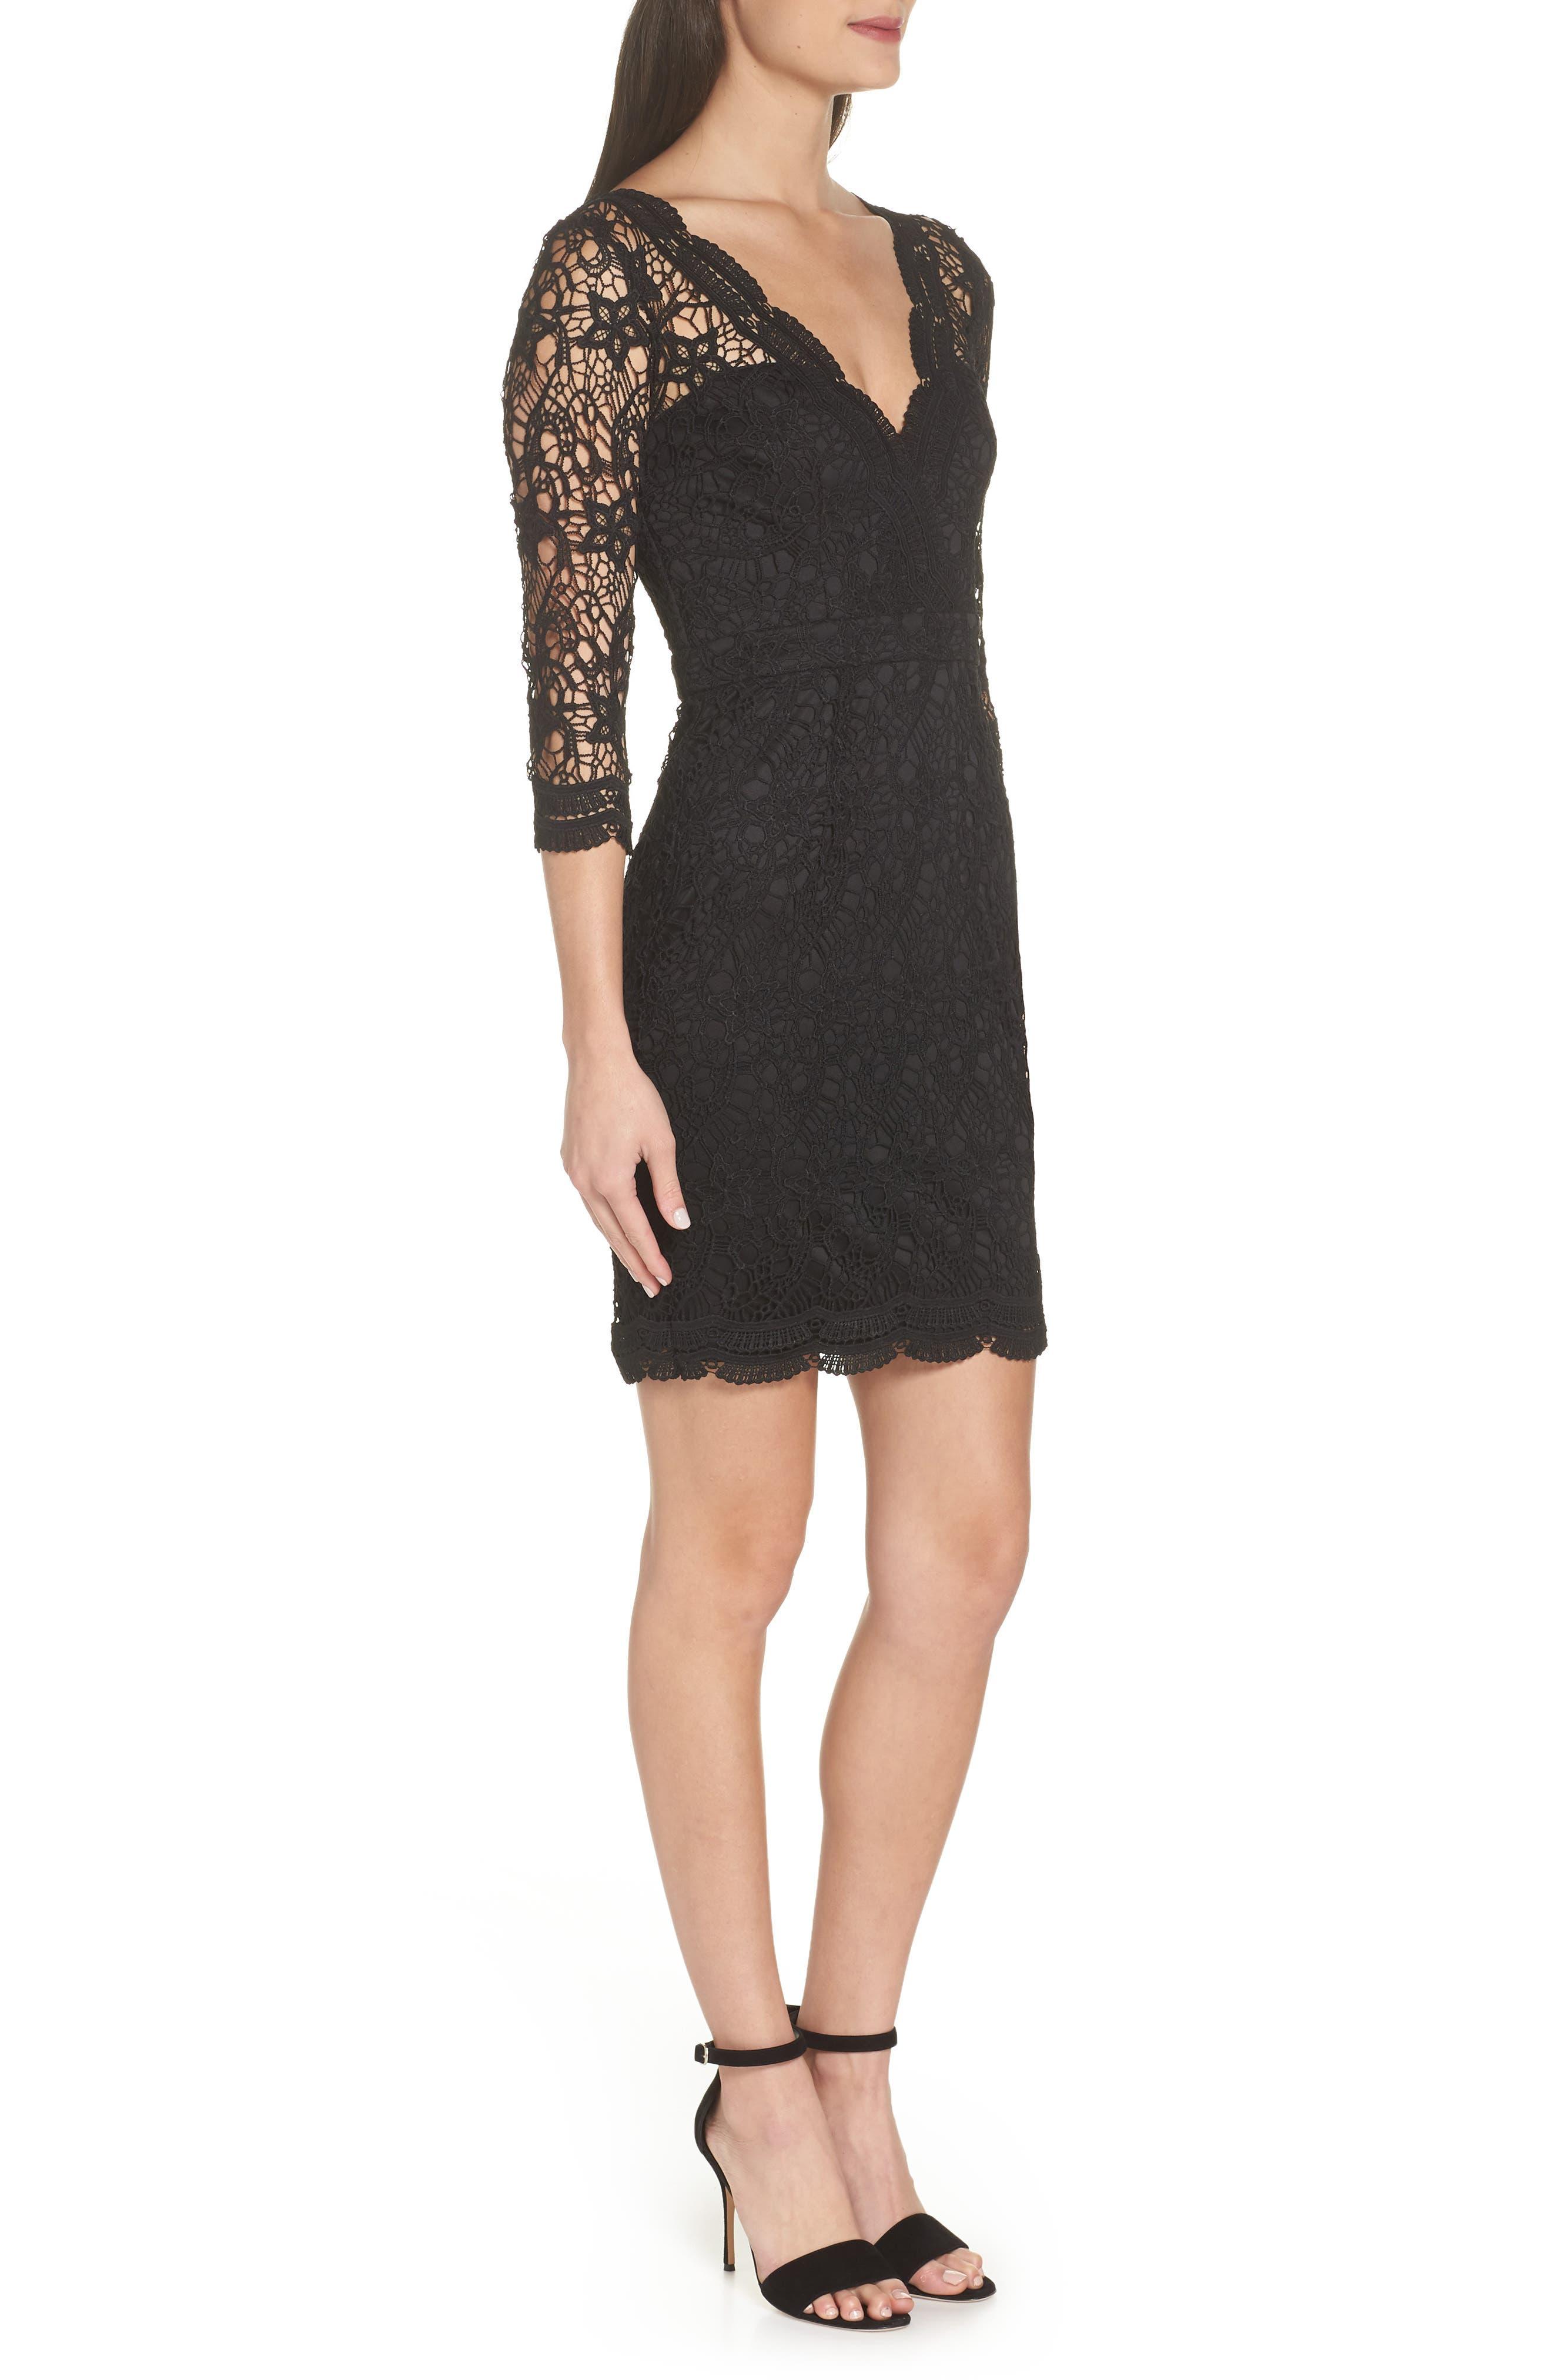 LULUS, Lace Cocktail Dress, Alternate thumbnail 4, color, BLACK